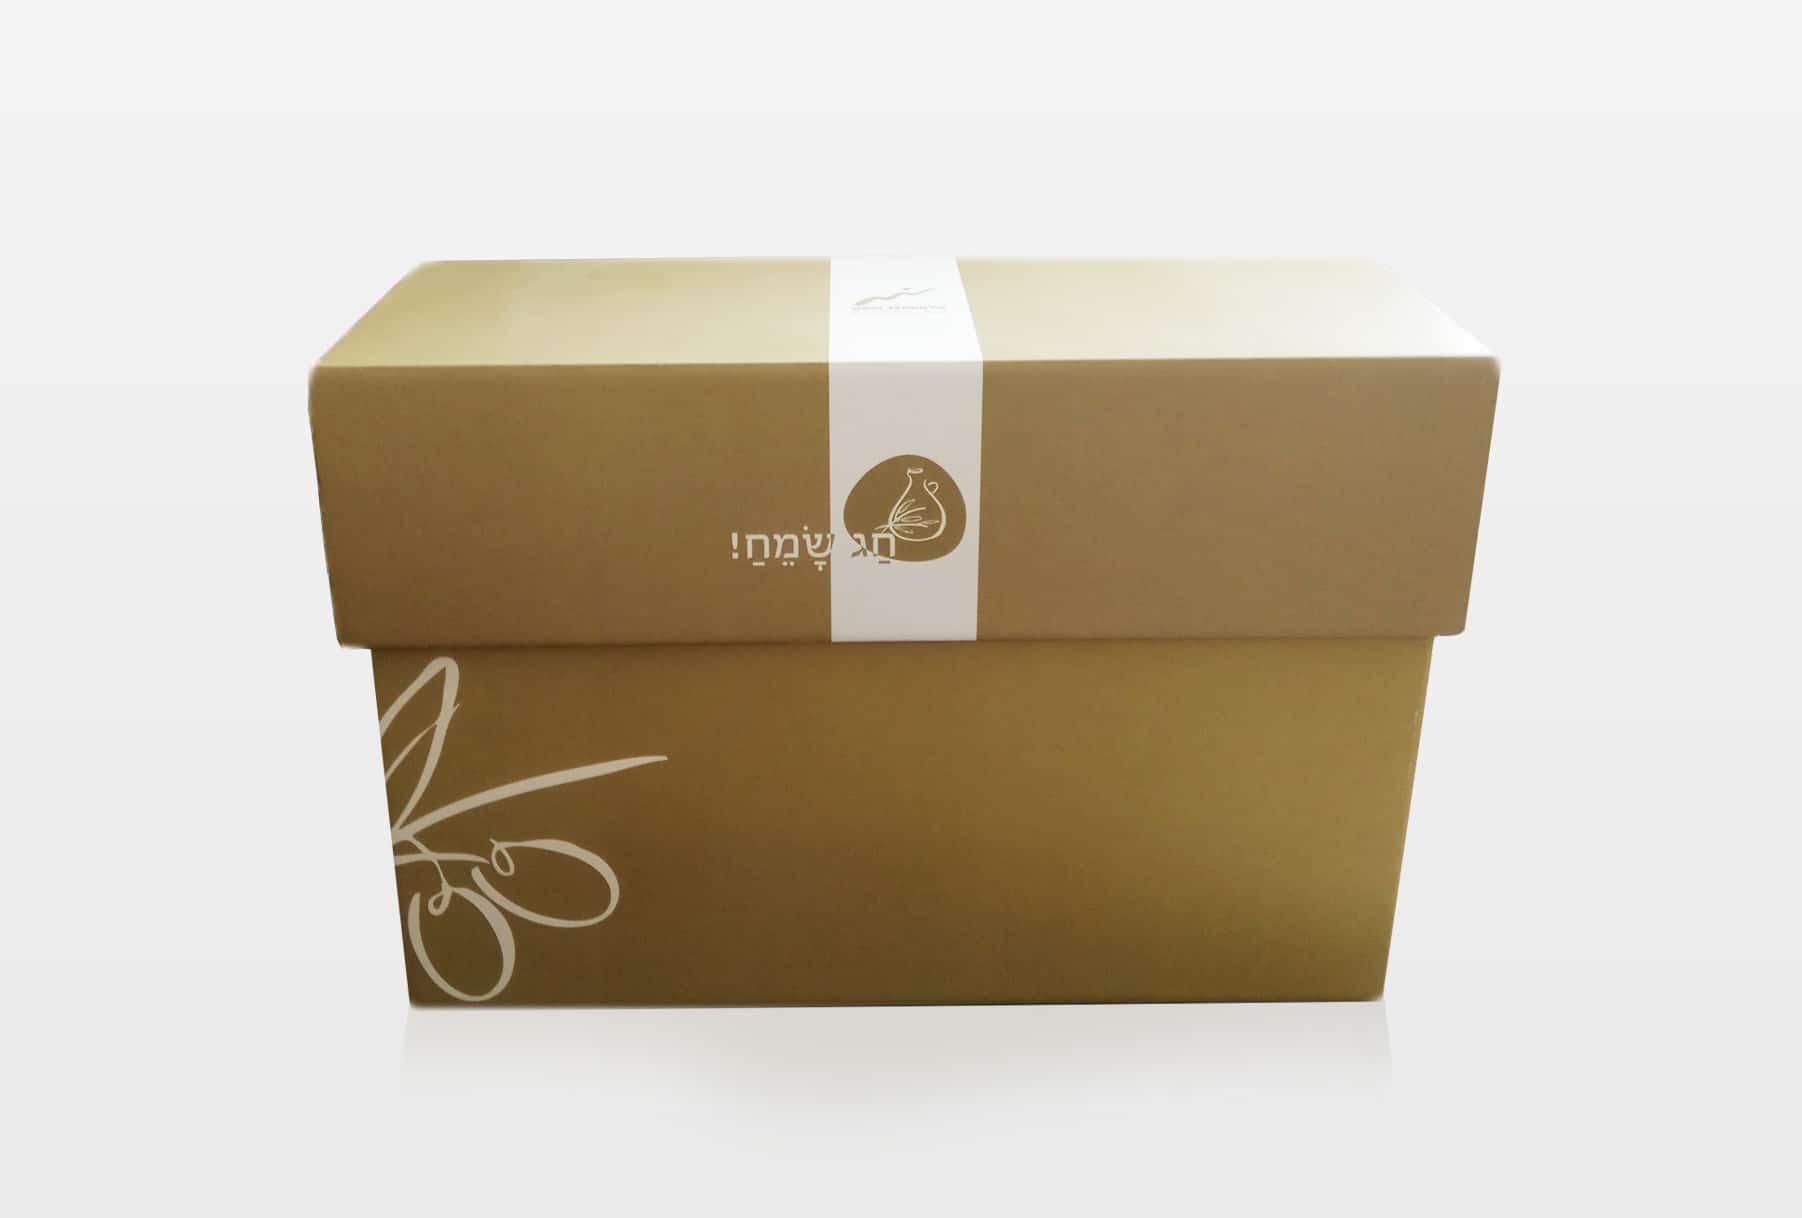 עיצוב וייצור מארזים קשיחים למתנות חג מקרטון גלי בעובי מילימטר לשמירה והגנה על המוצרים. המארז נועד למתנה בחג.